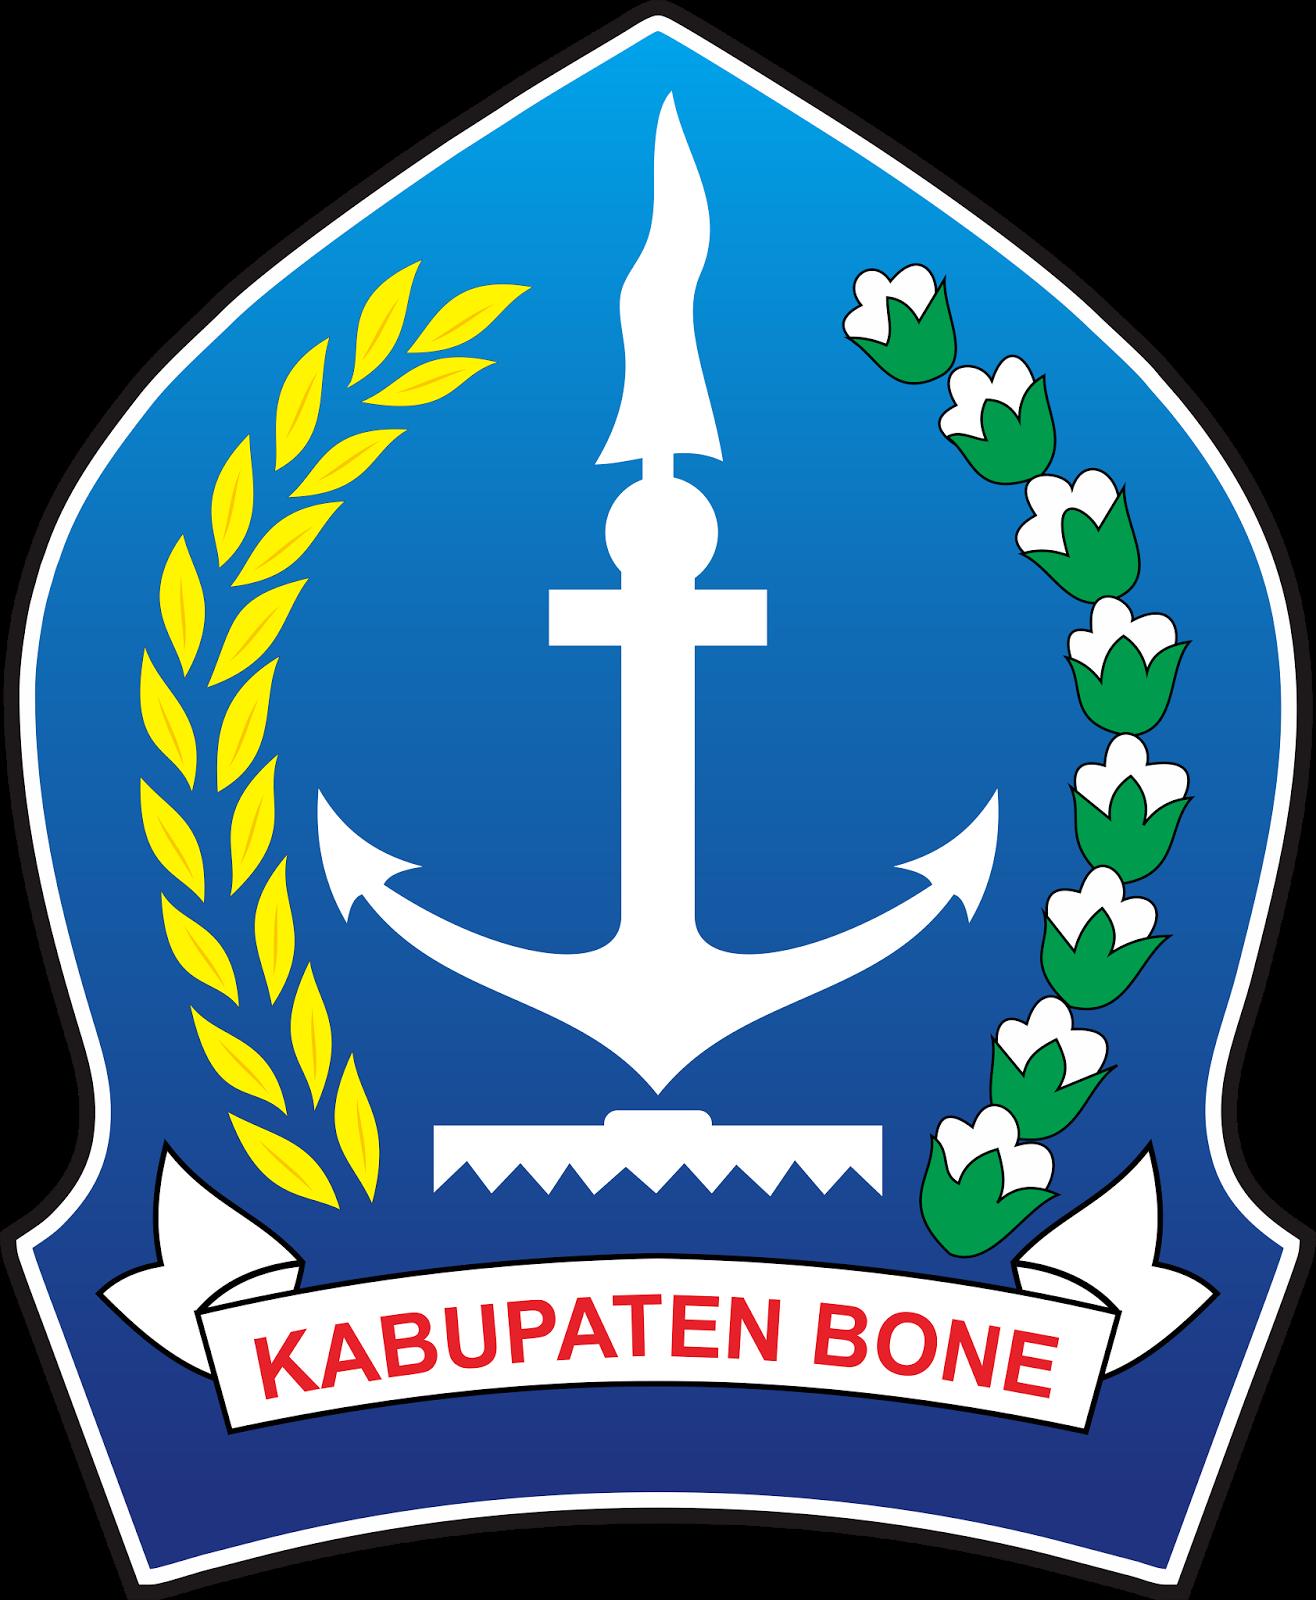 Logo Kabupaten Bone dan Maknanya Vector File CDR CorelDraw